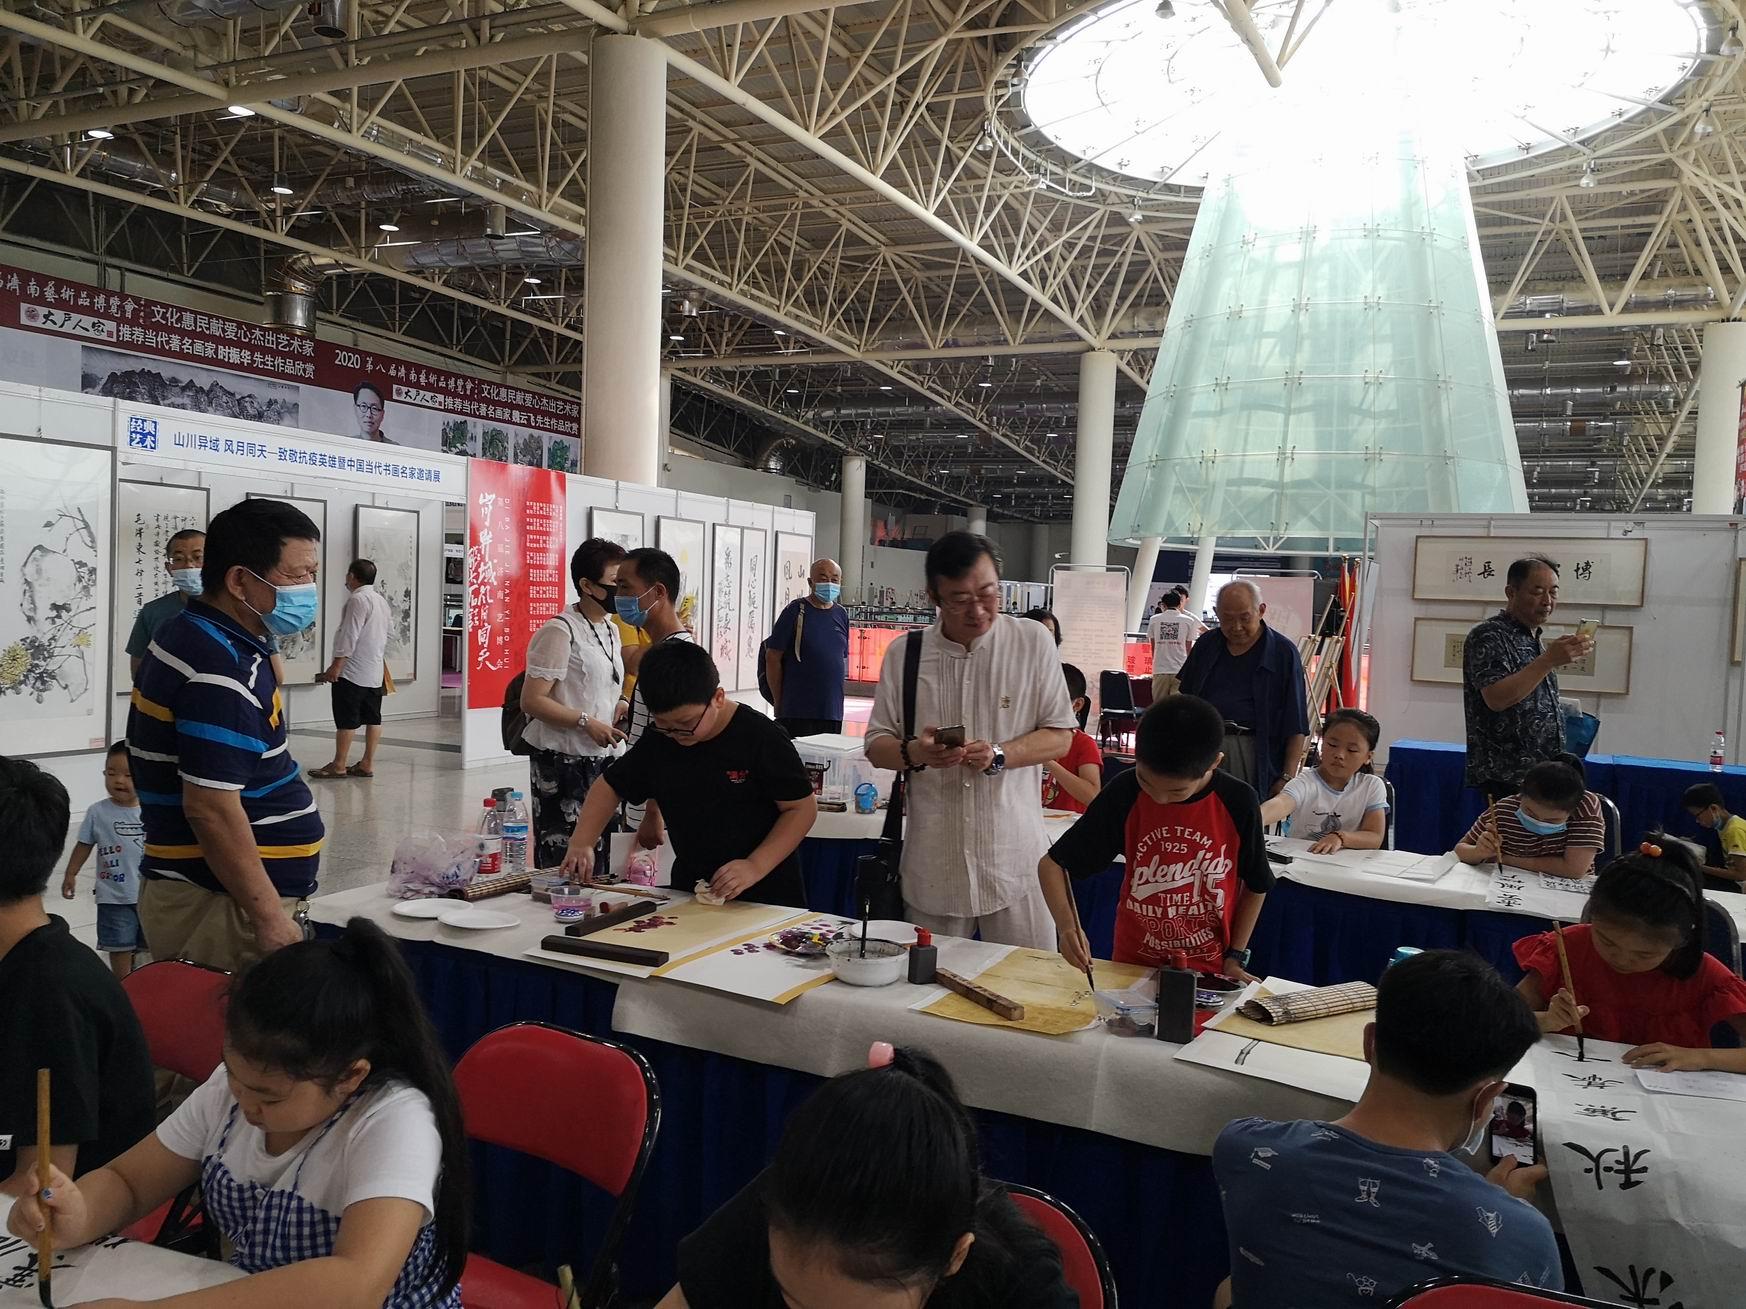 2020.08.23  济南艺术博览会现场创作作品